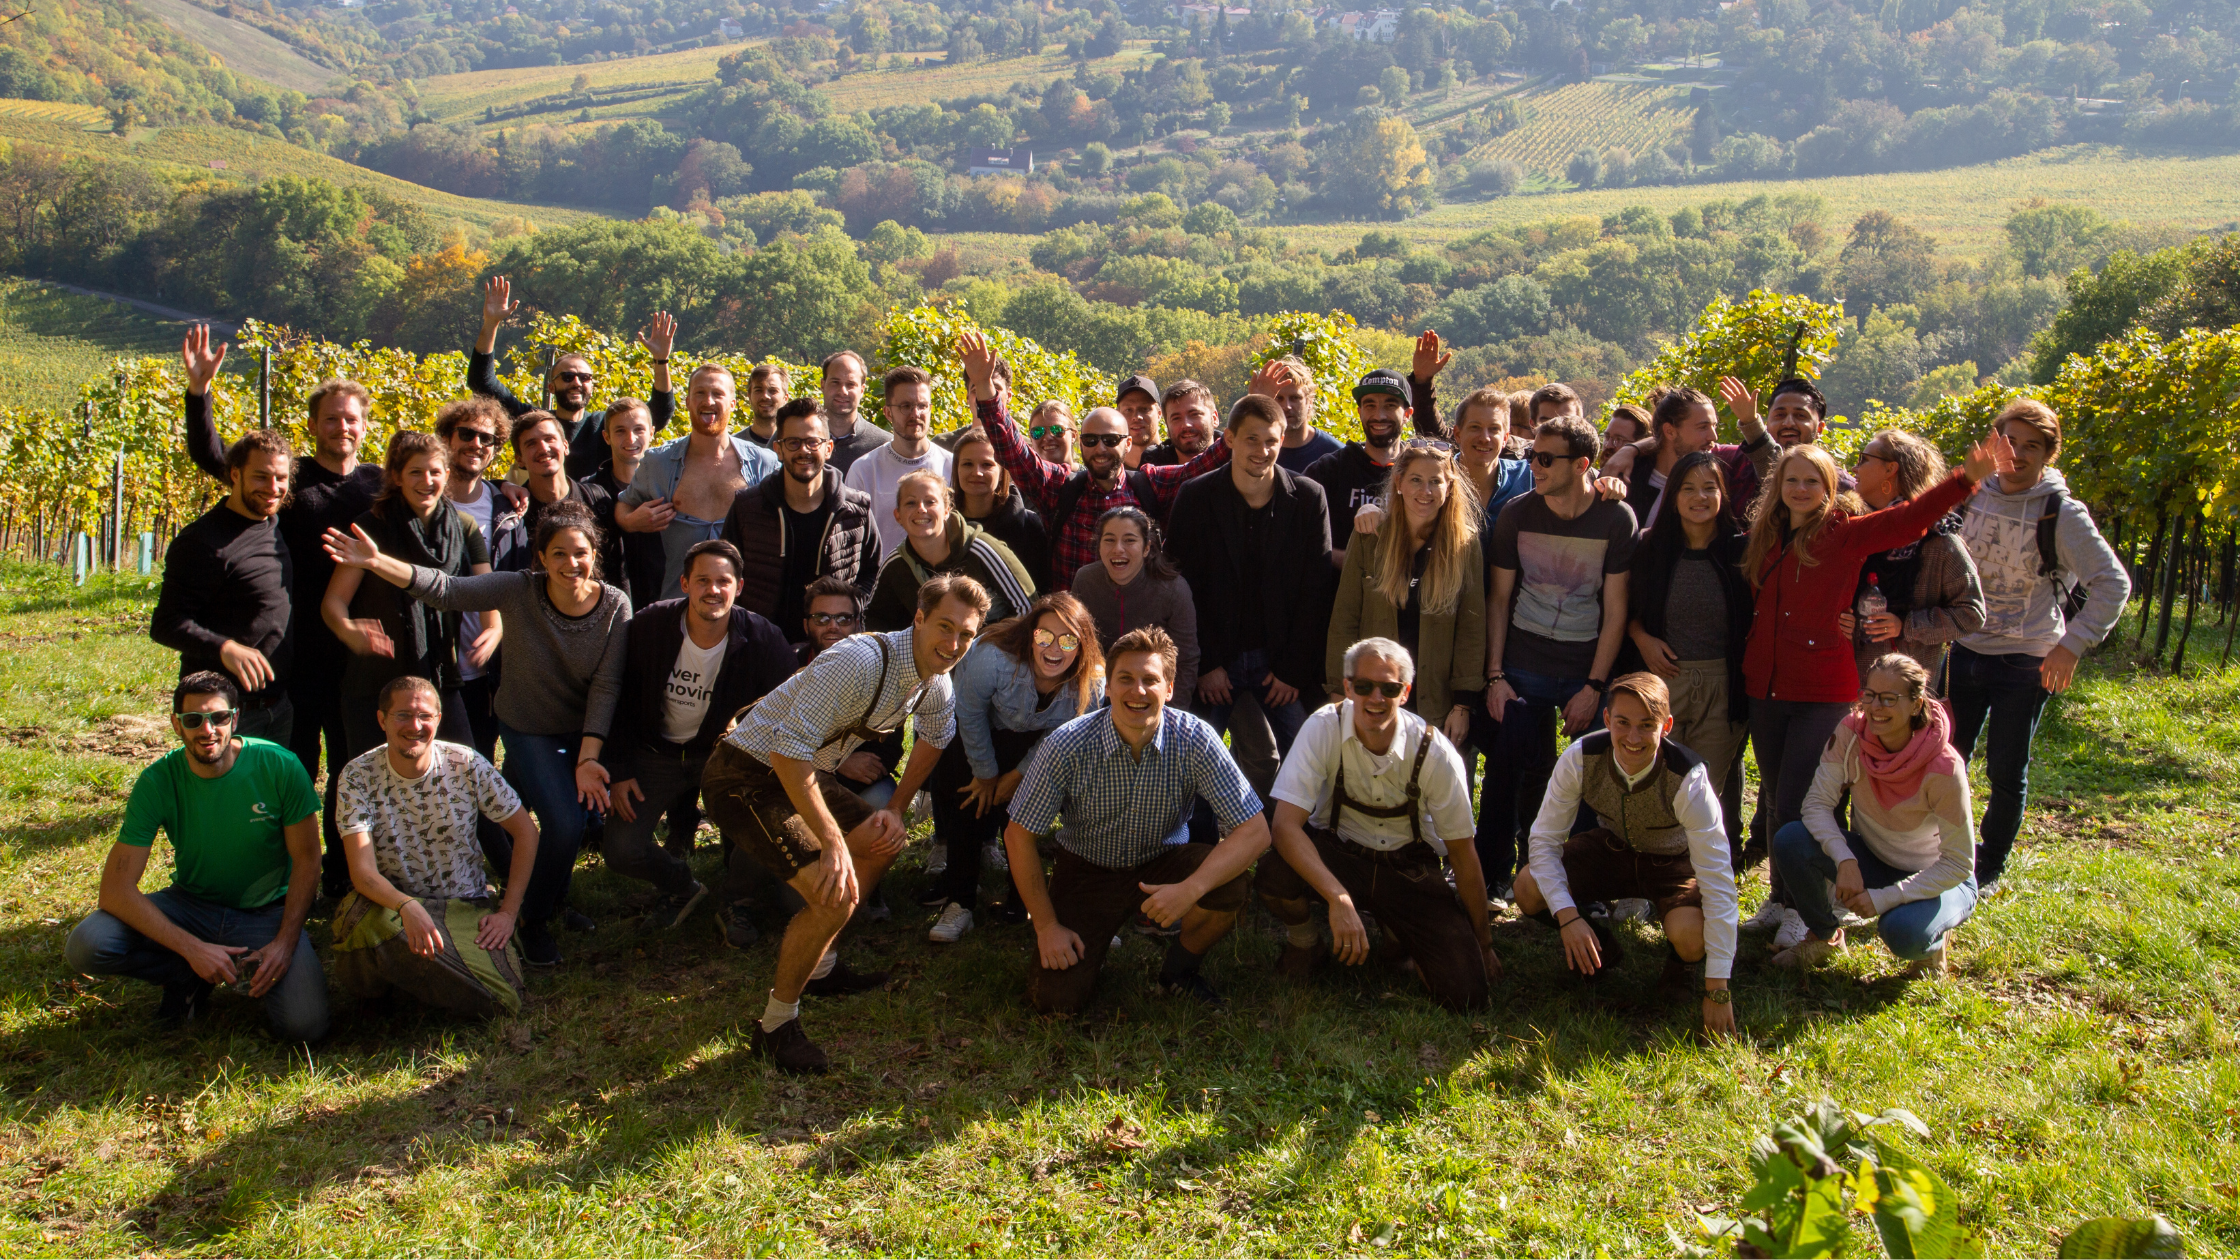 Groepsfoto van het Eversports team tijdens een wandeling in Oostenrijk